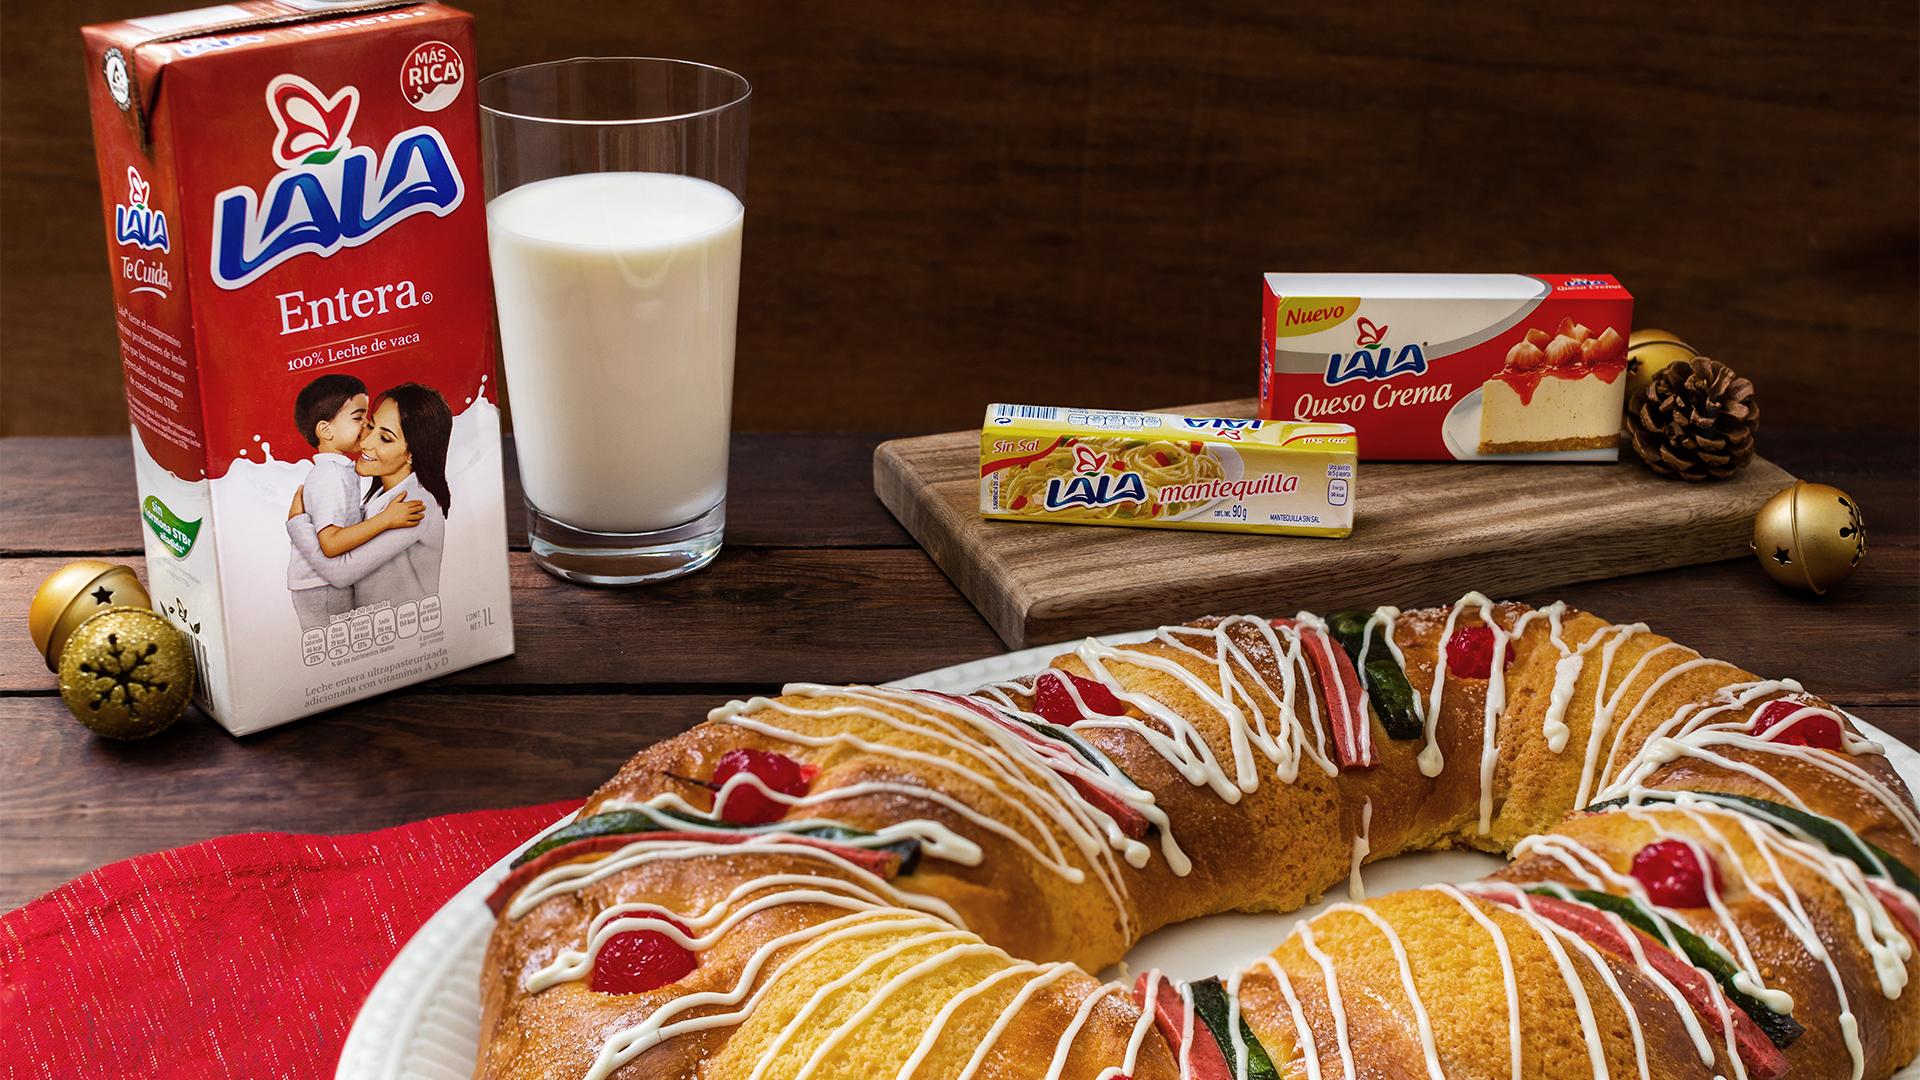 Rosca de Reyes con Queso Crema a la naranja